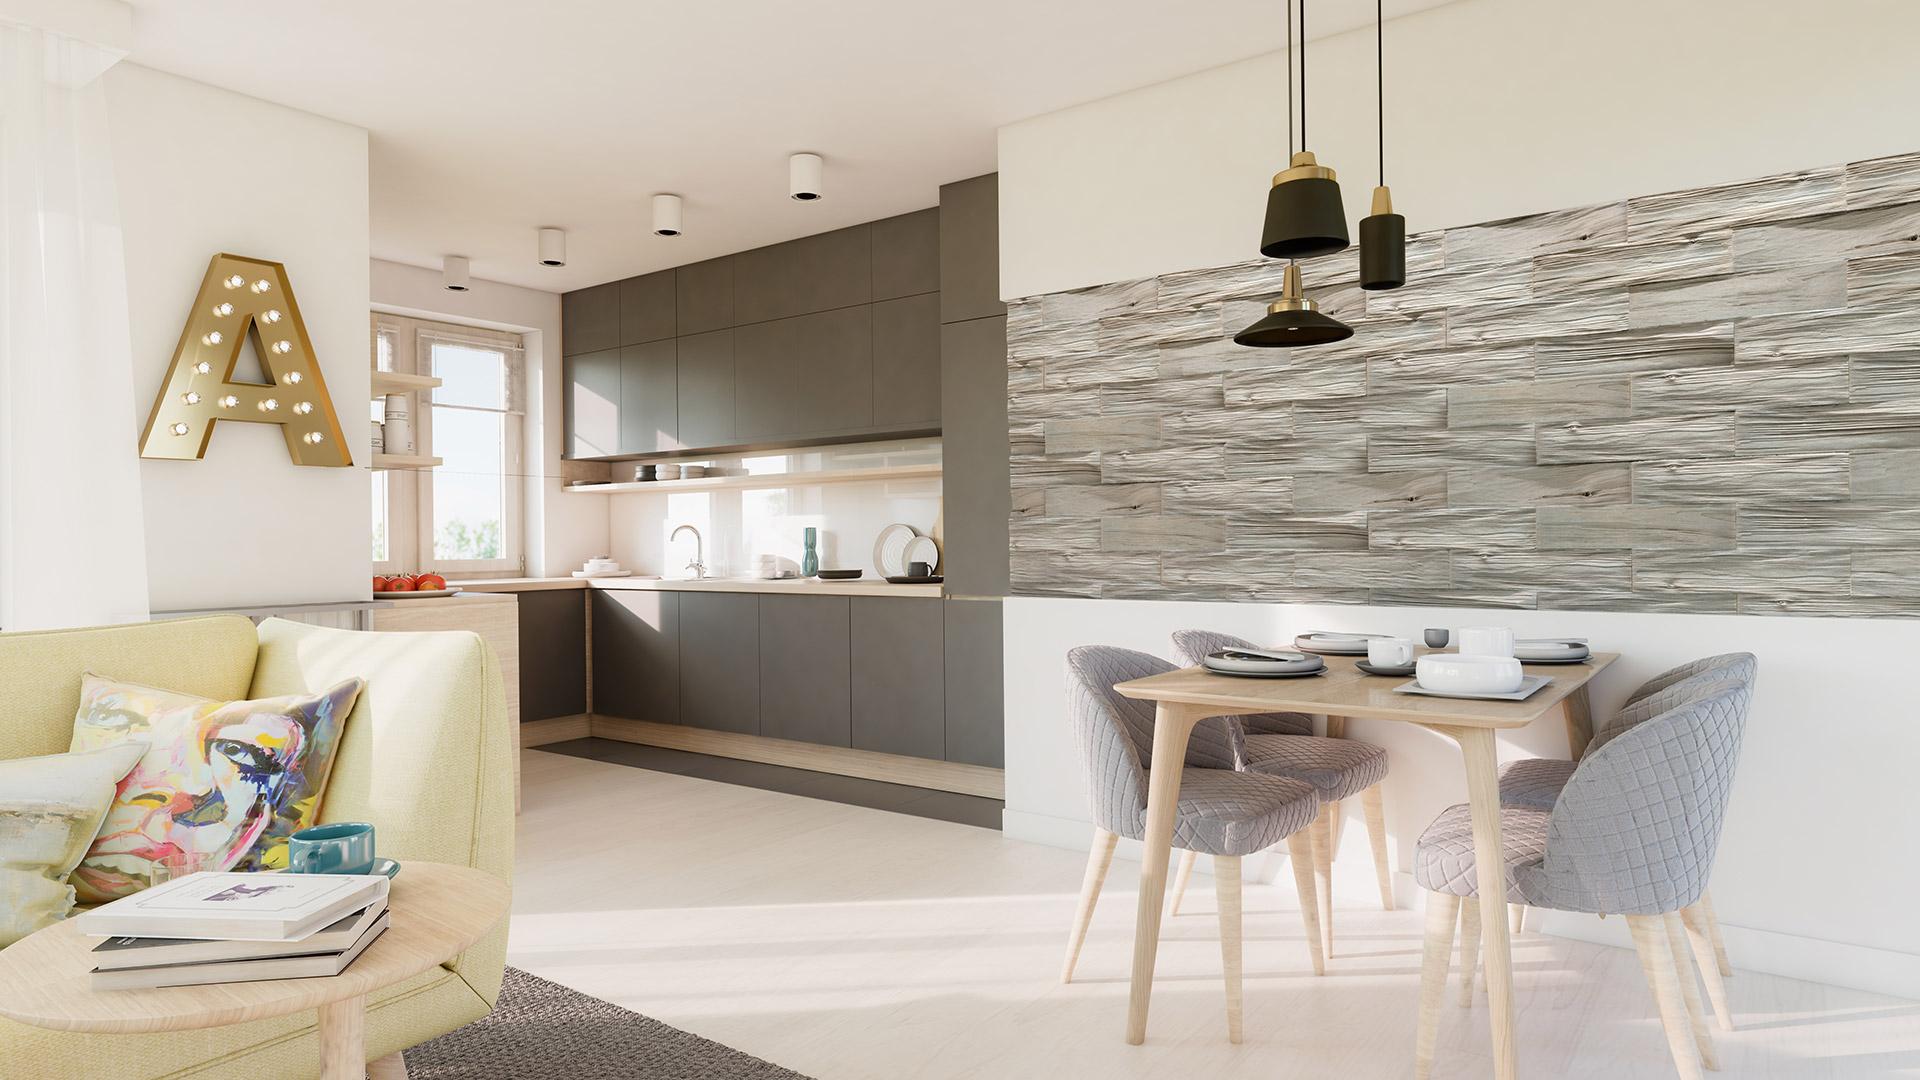 stones kamie dekoracyjny kamie elewacyjny p ytki elewacyjne p ytki cienne p ytki. Black Bedroom Furniture Sets. Home Design Ideas